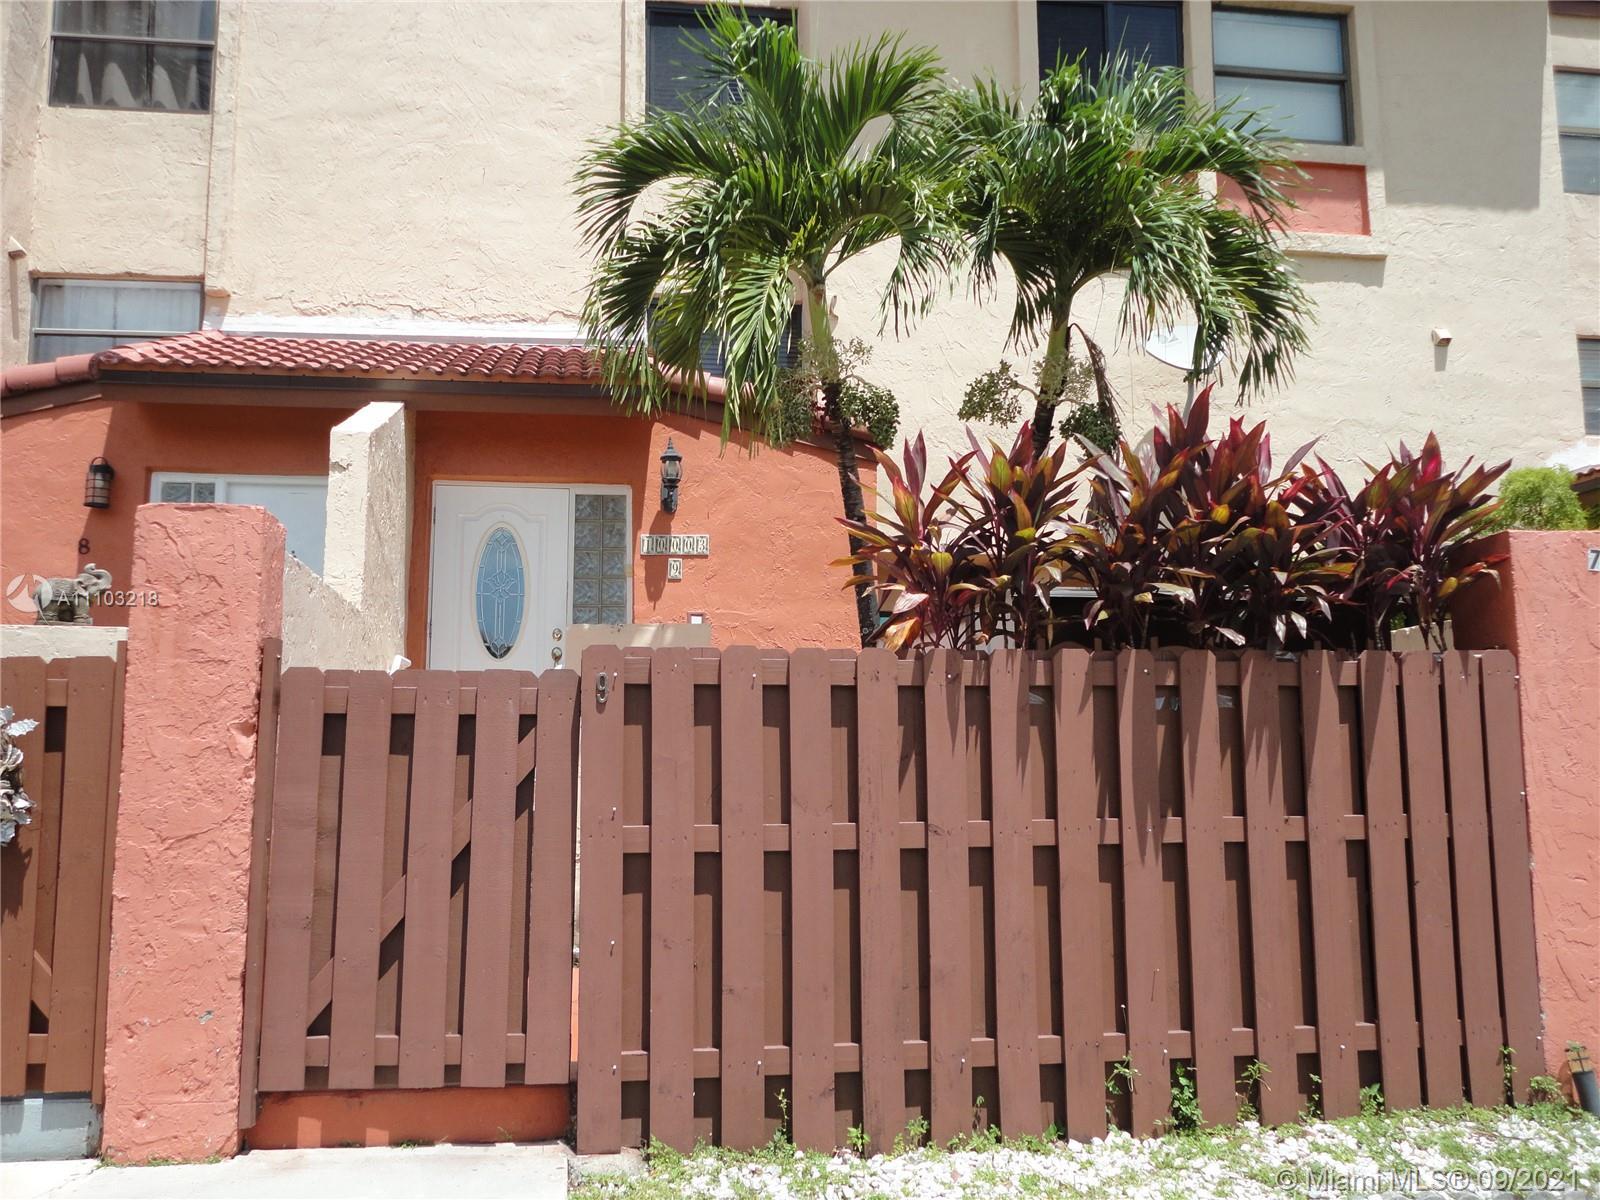 Las Ramblas #917 - 10003 NW 9th Street Cir #917, Miami, FL 33172